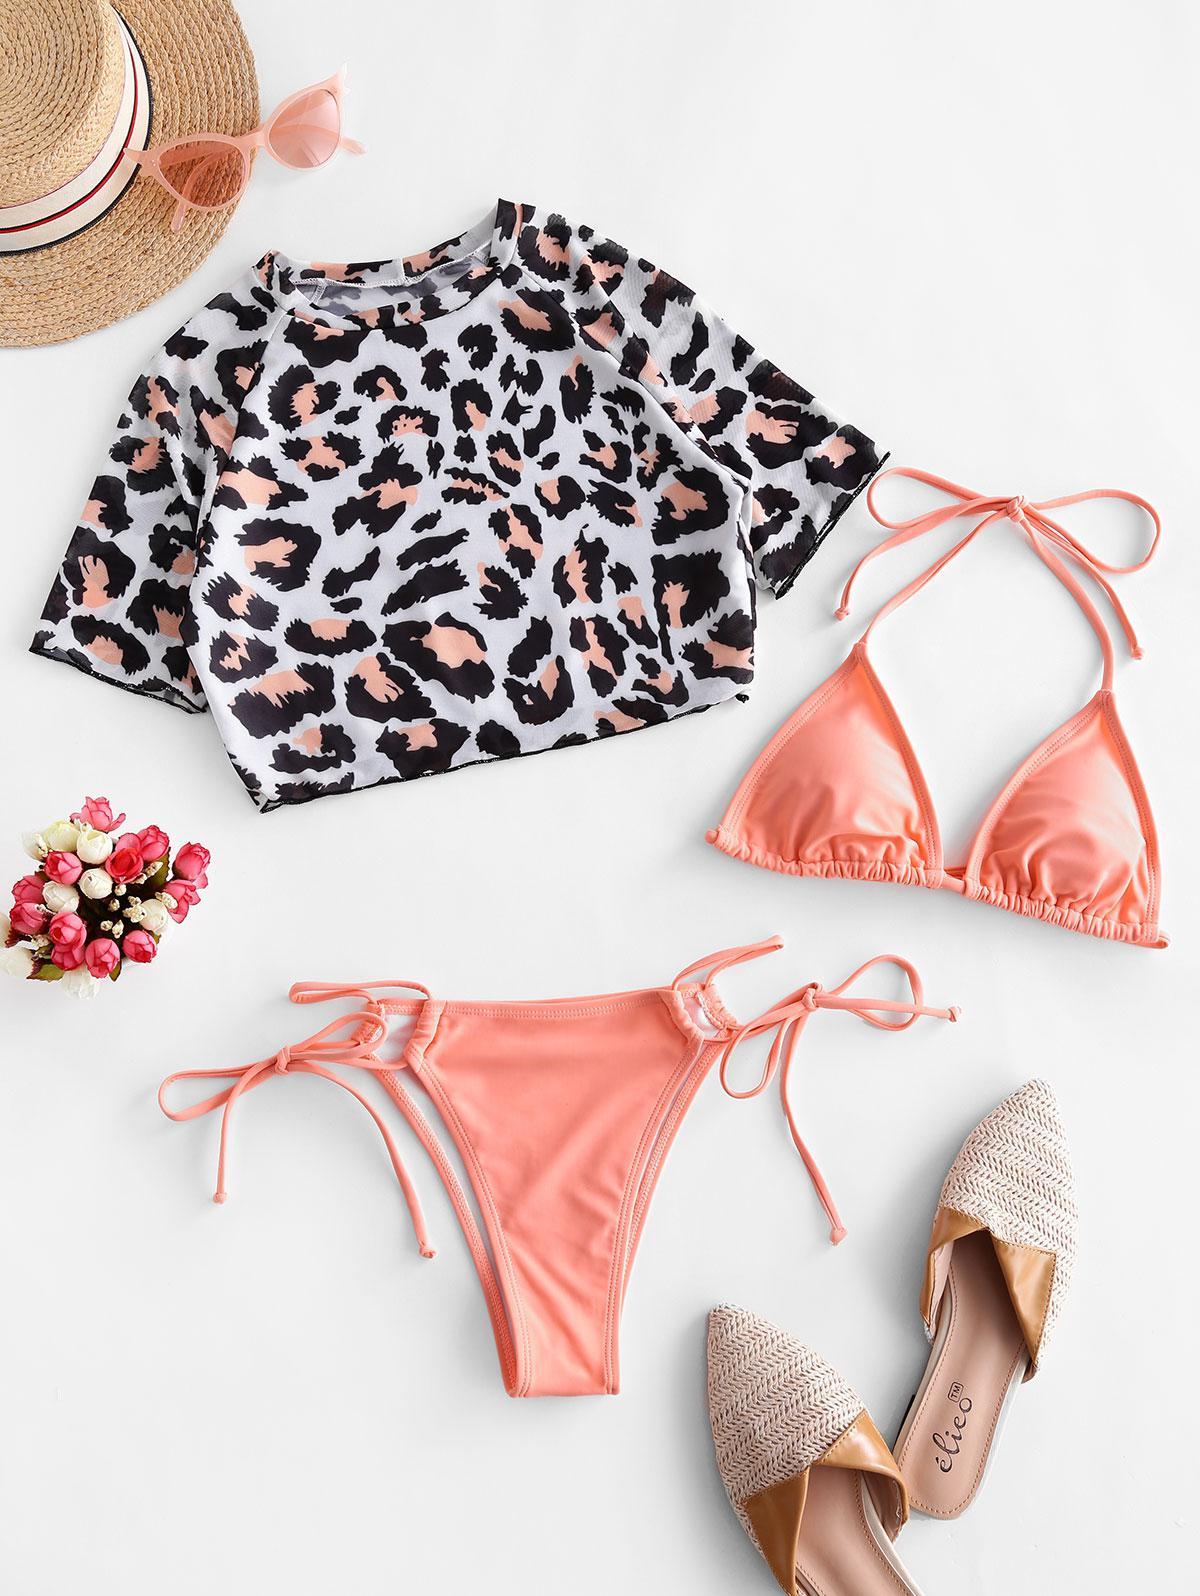 ZAFUL Leopard Tie Side Three Piece Swimsuit фото